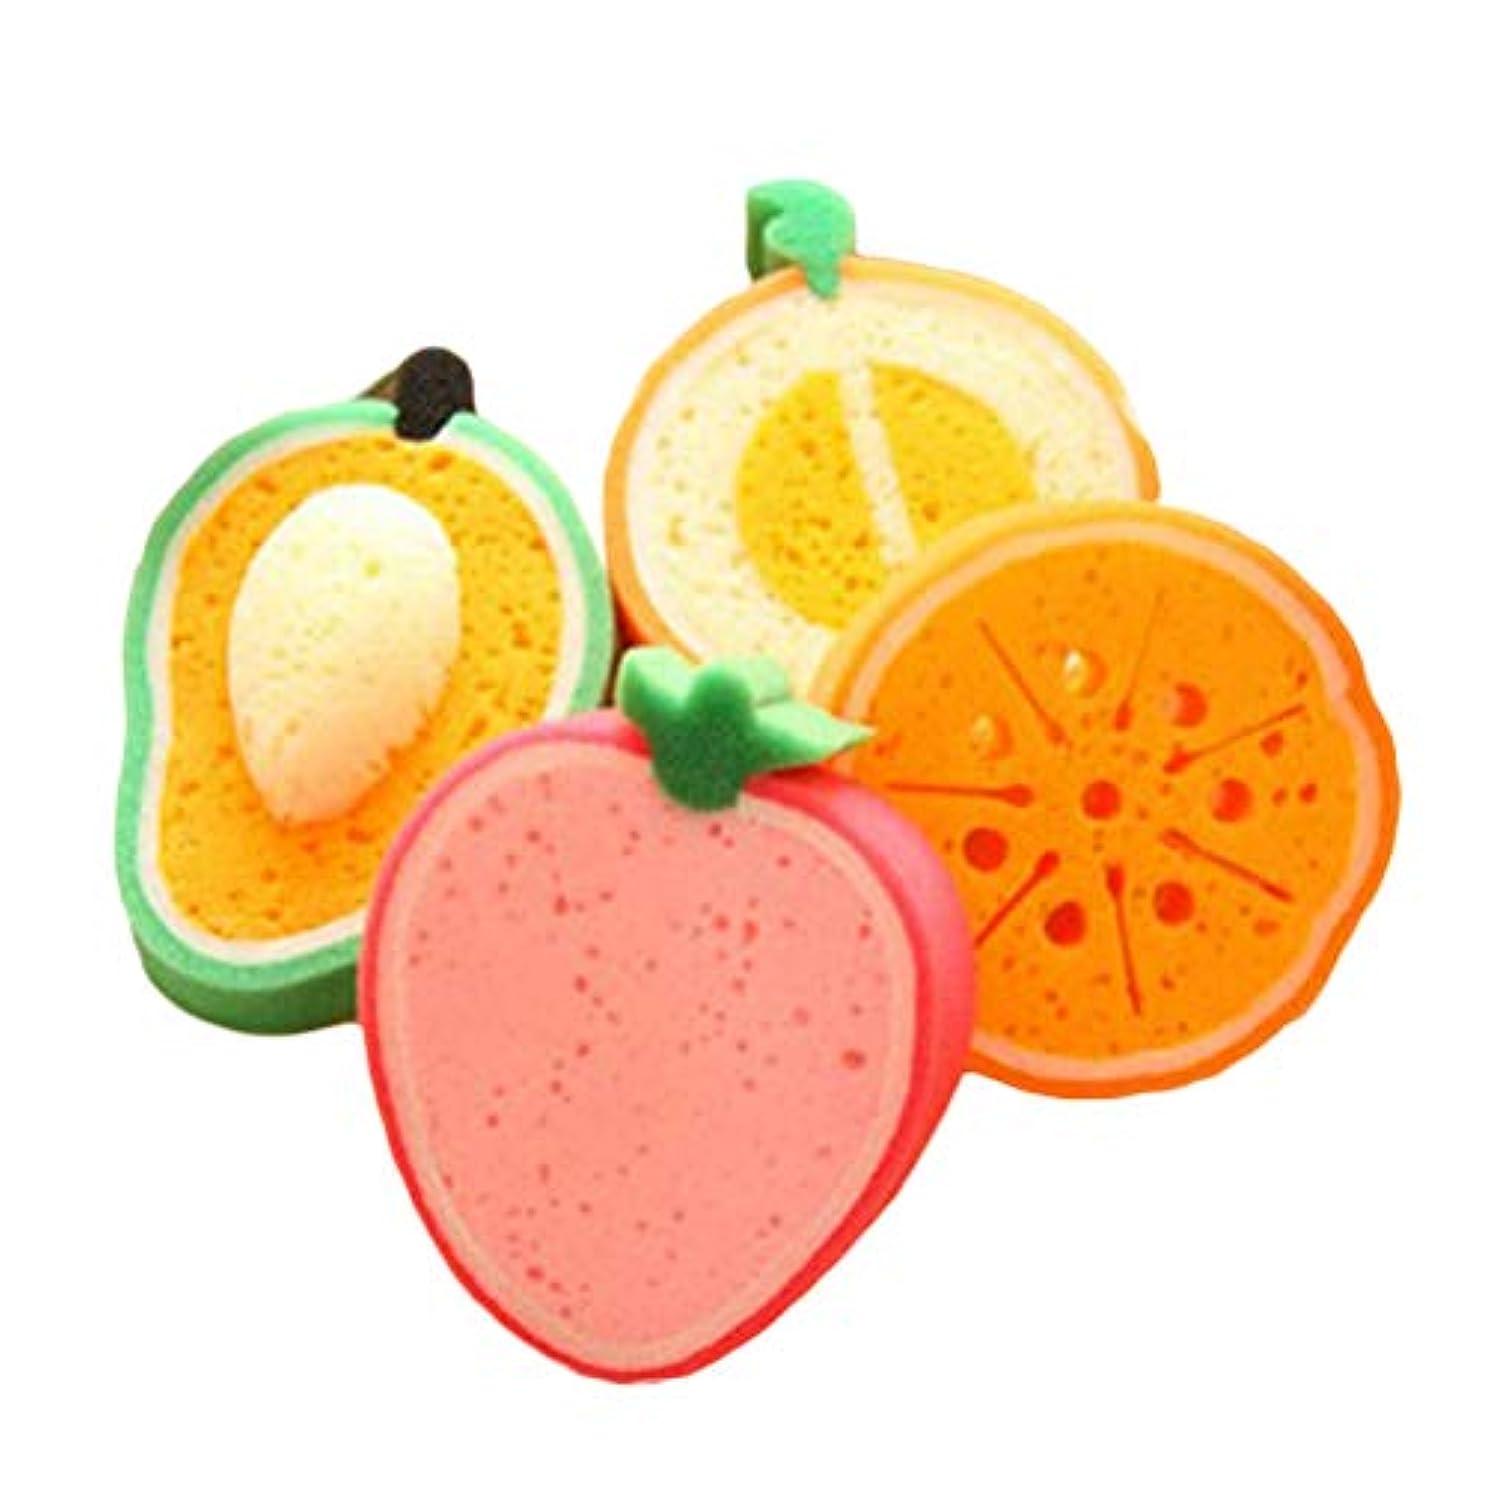 ベジタリアン役職隠HEALIFTY 4本のベイビーバススポンジ、マンゴーの4つのファンキーフルーツスポンジセットハニー?ドウ?メロンオレンジとストロベリー